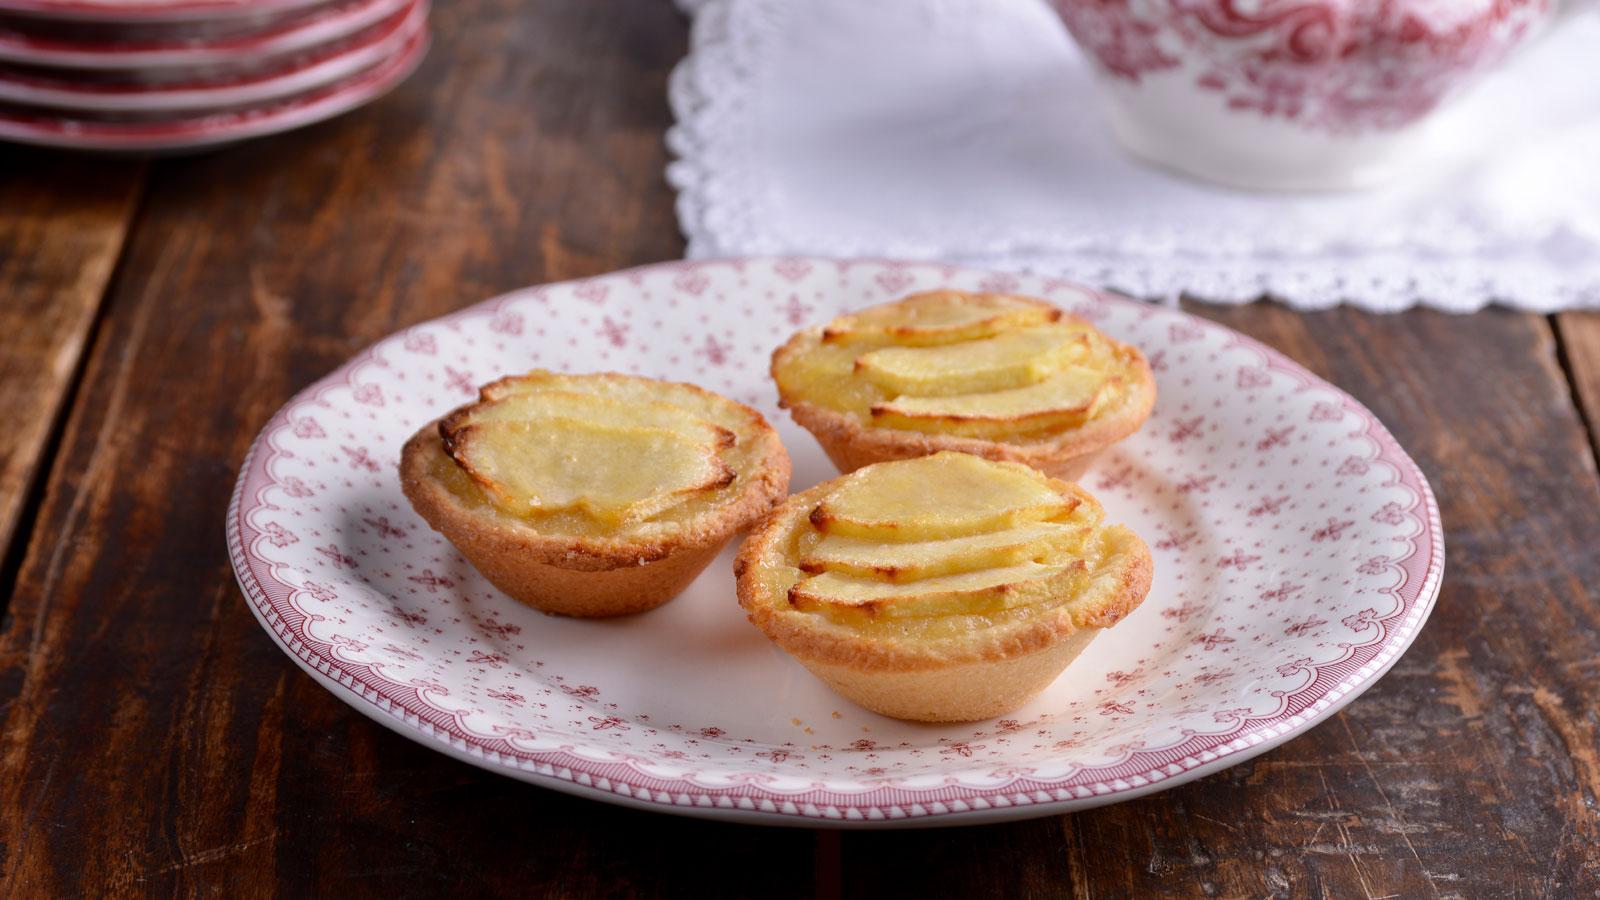 Tartaletas de manzana dolores valc rcel la abuela for Cocina casera de la abuela